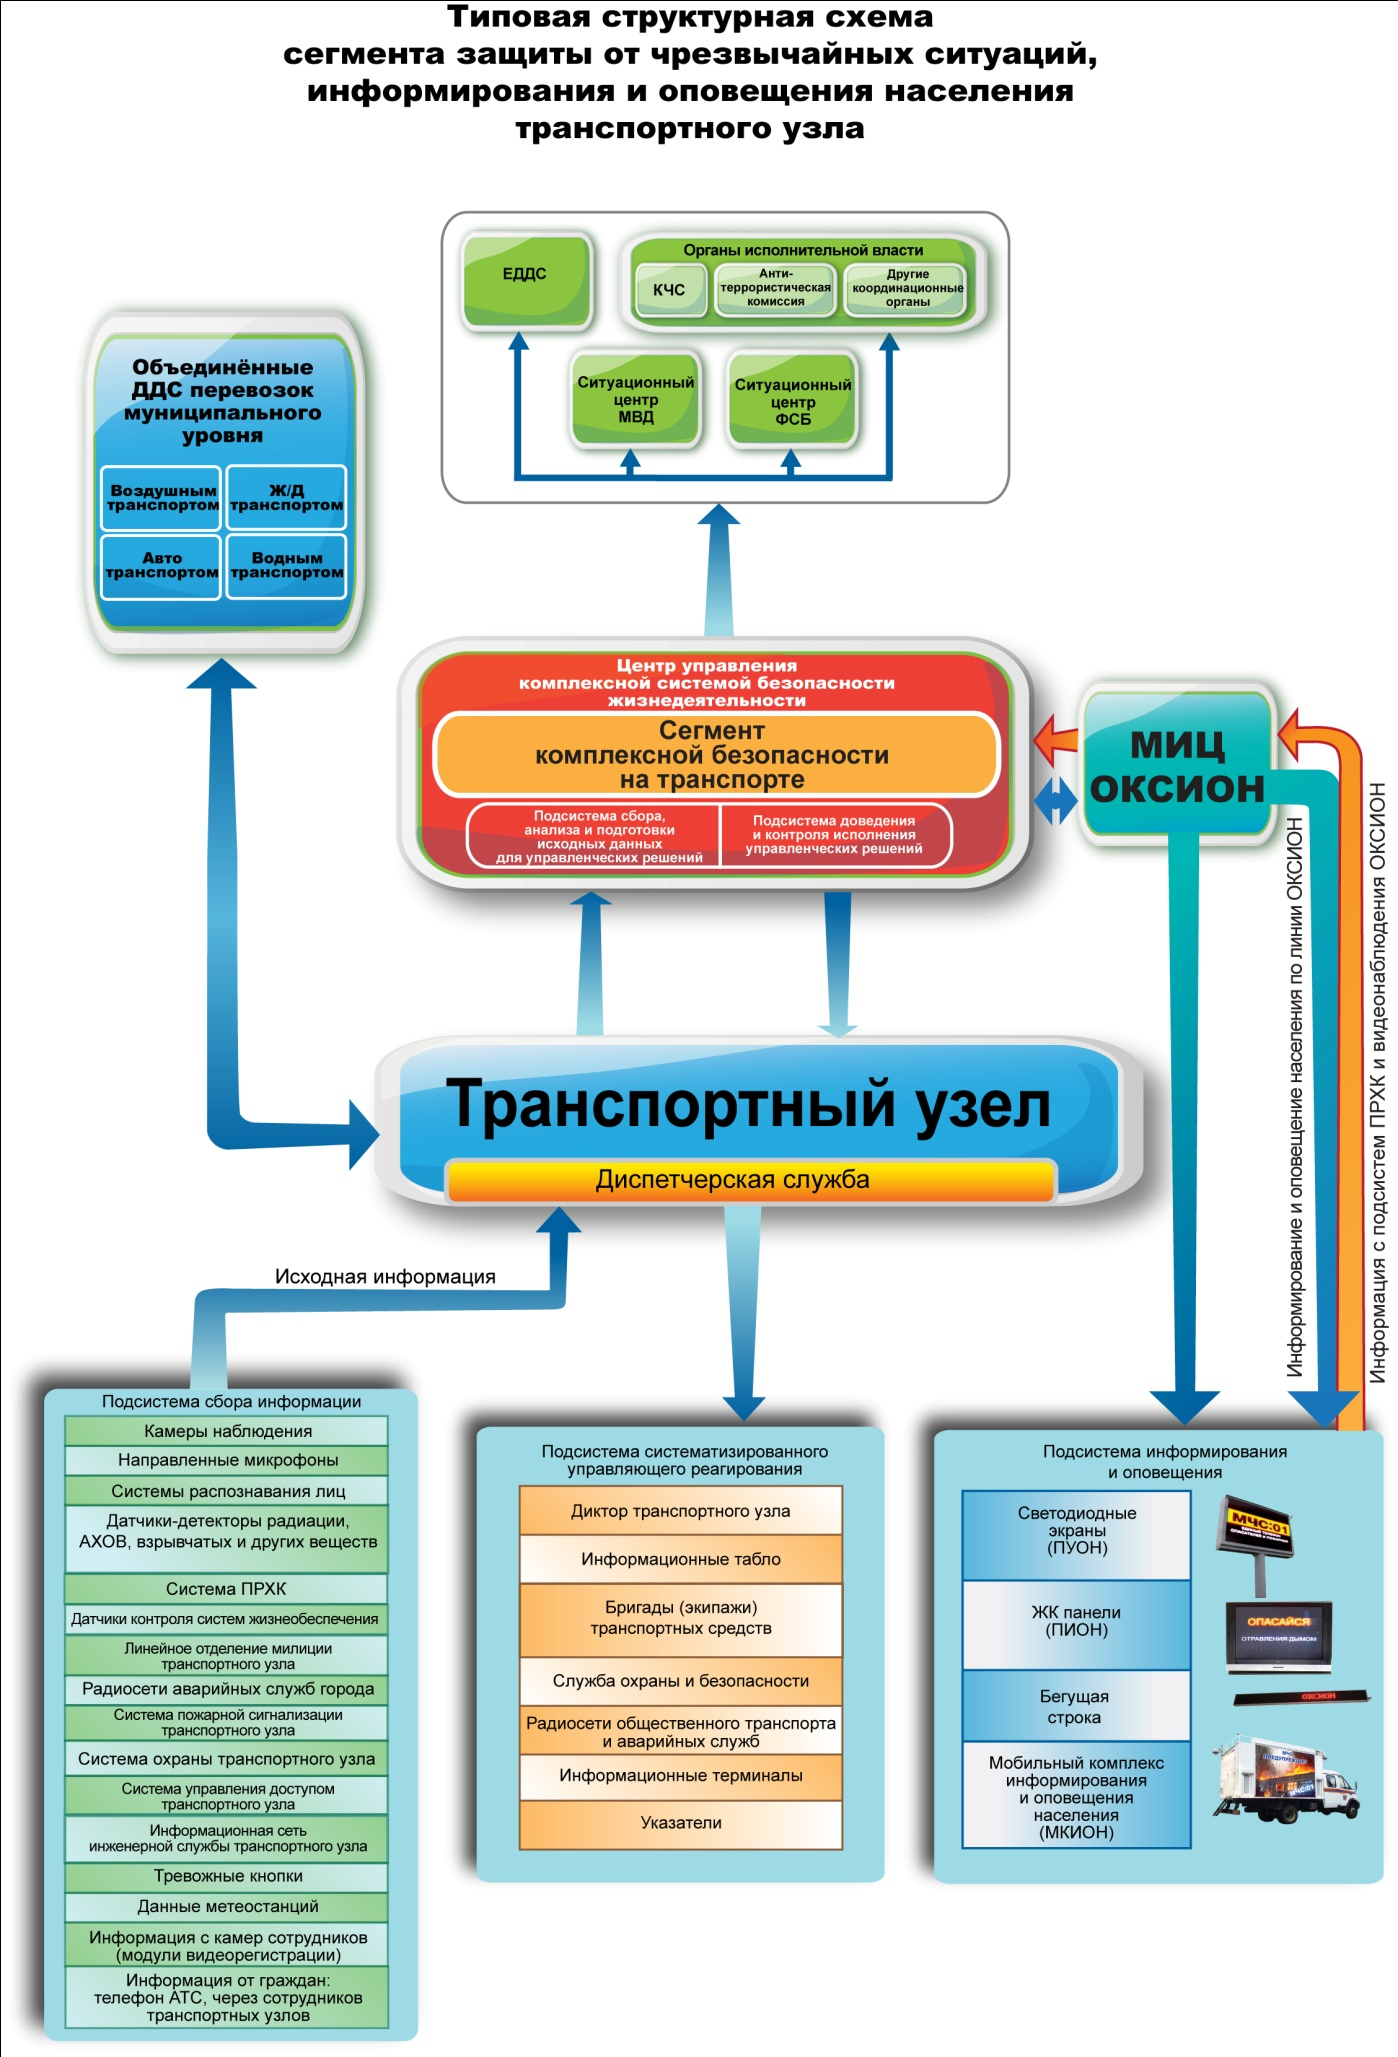 Схема оповещения и взаимодействия с экстренными службами